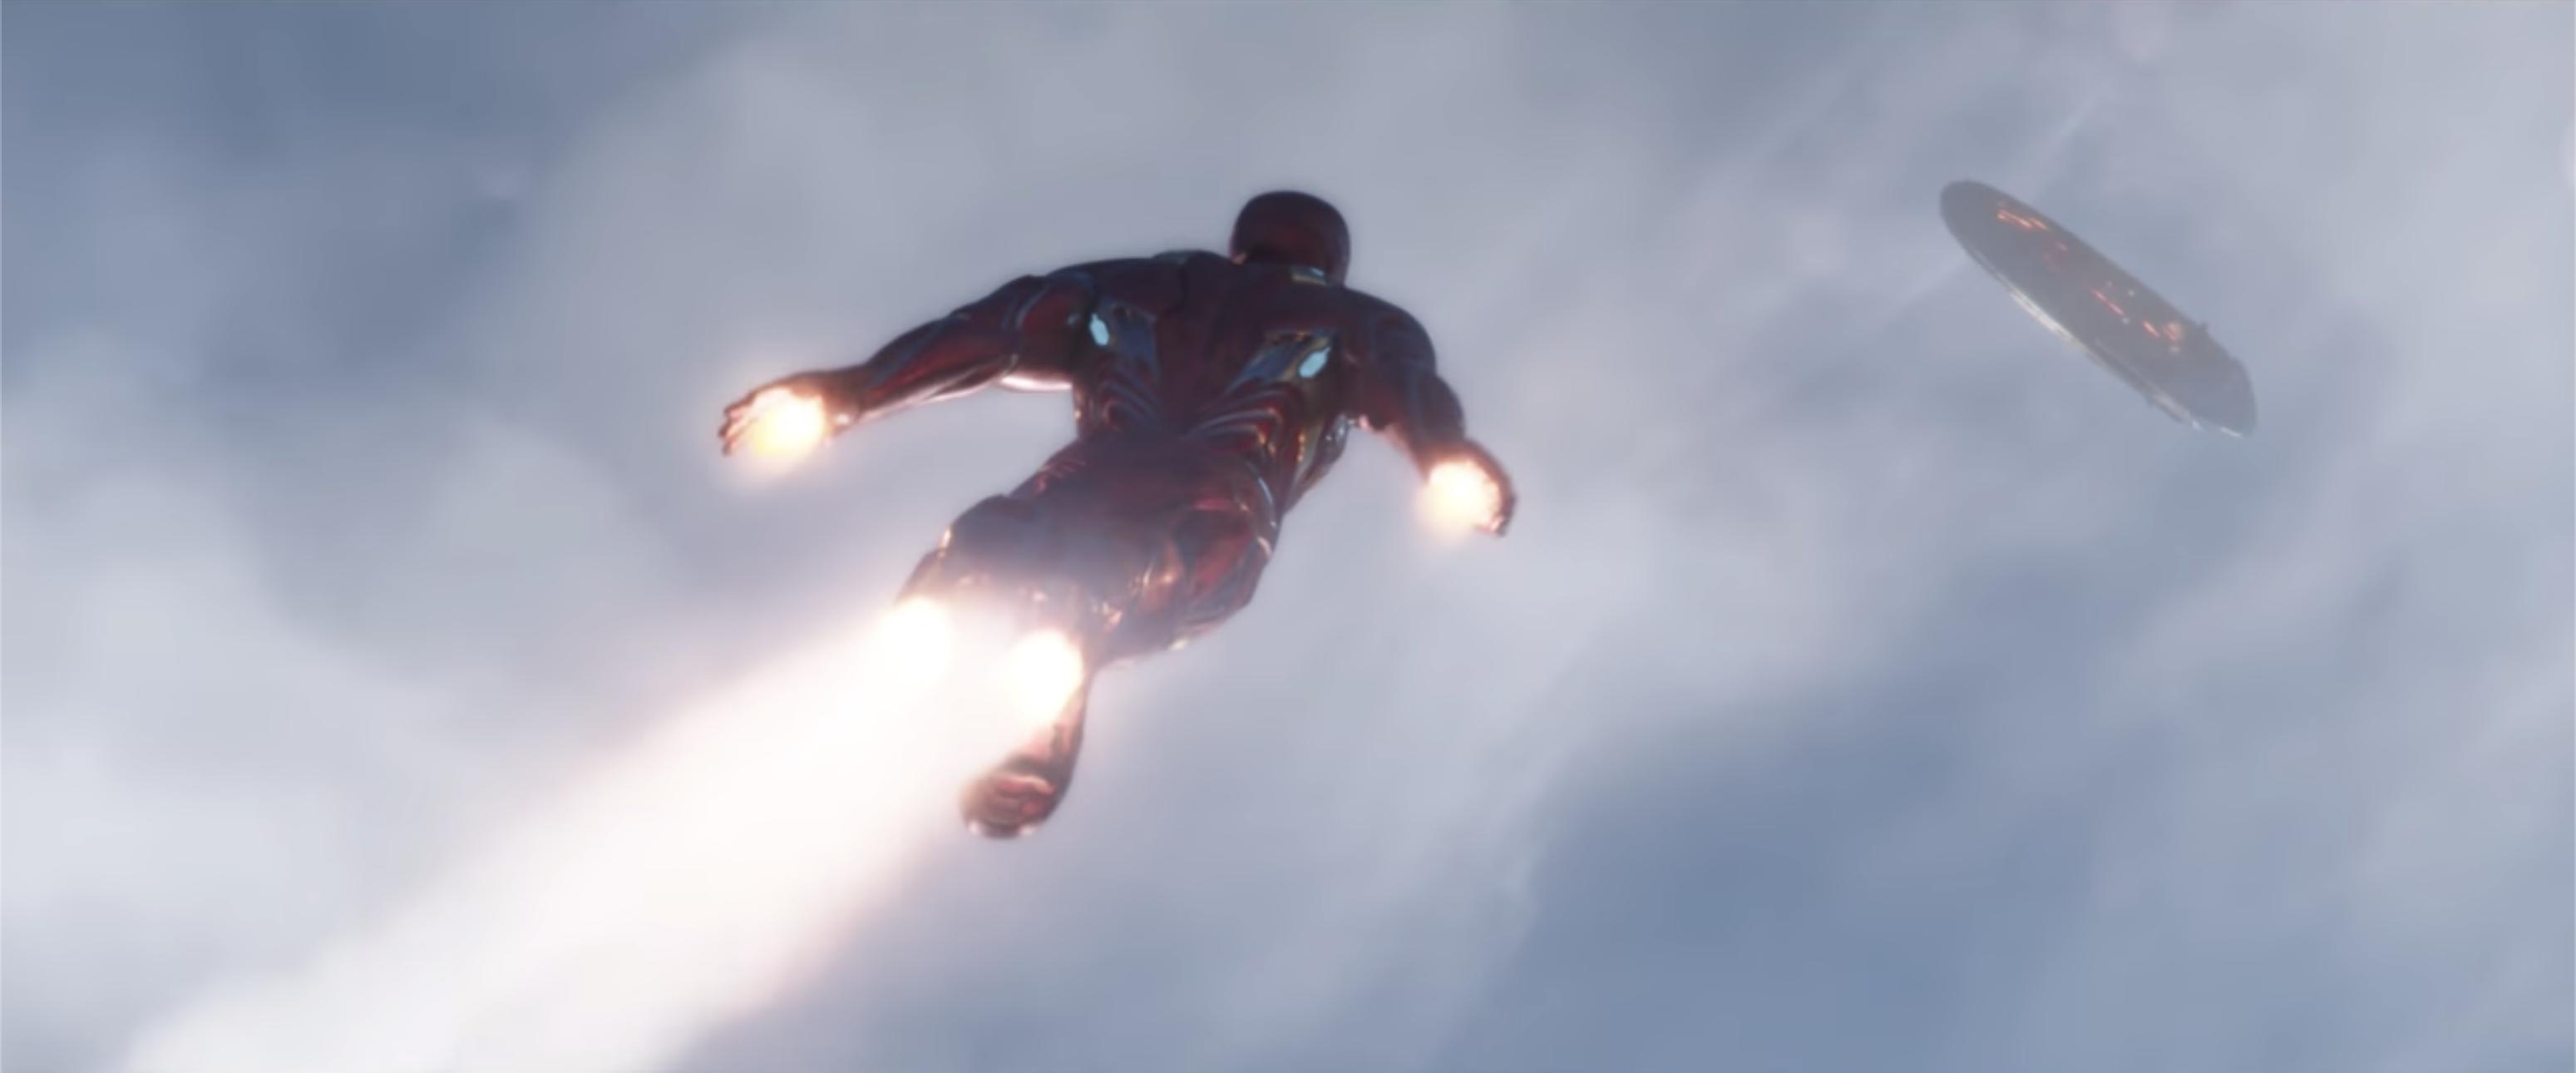 iron-man-01.png